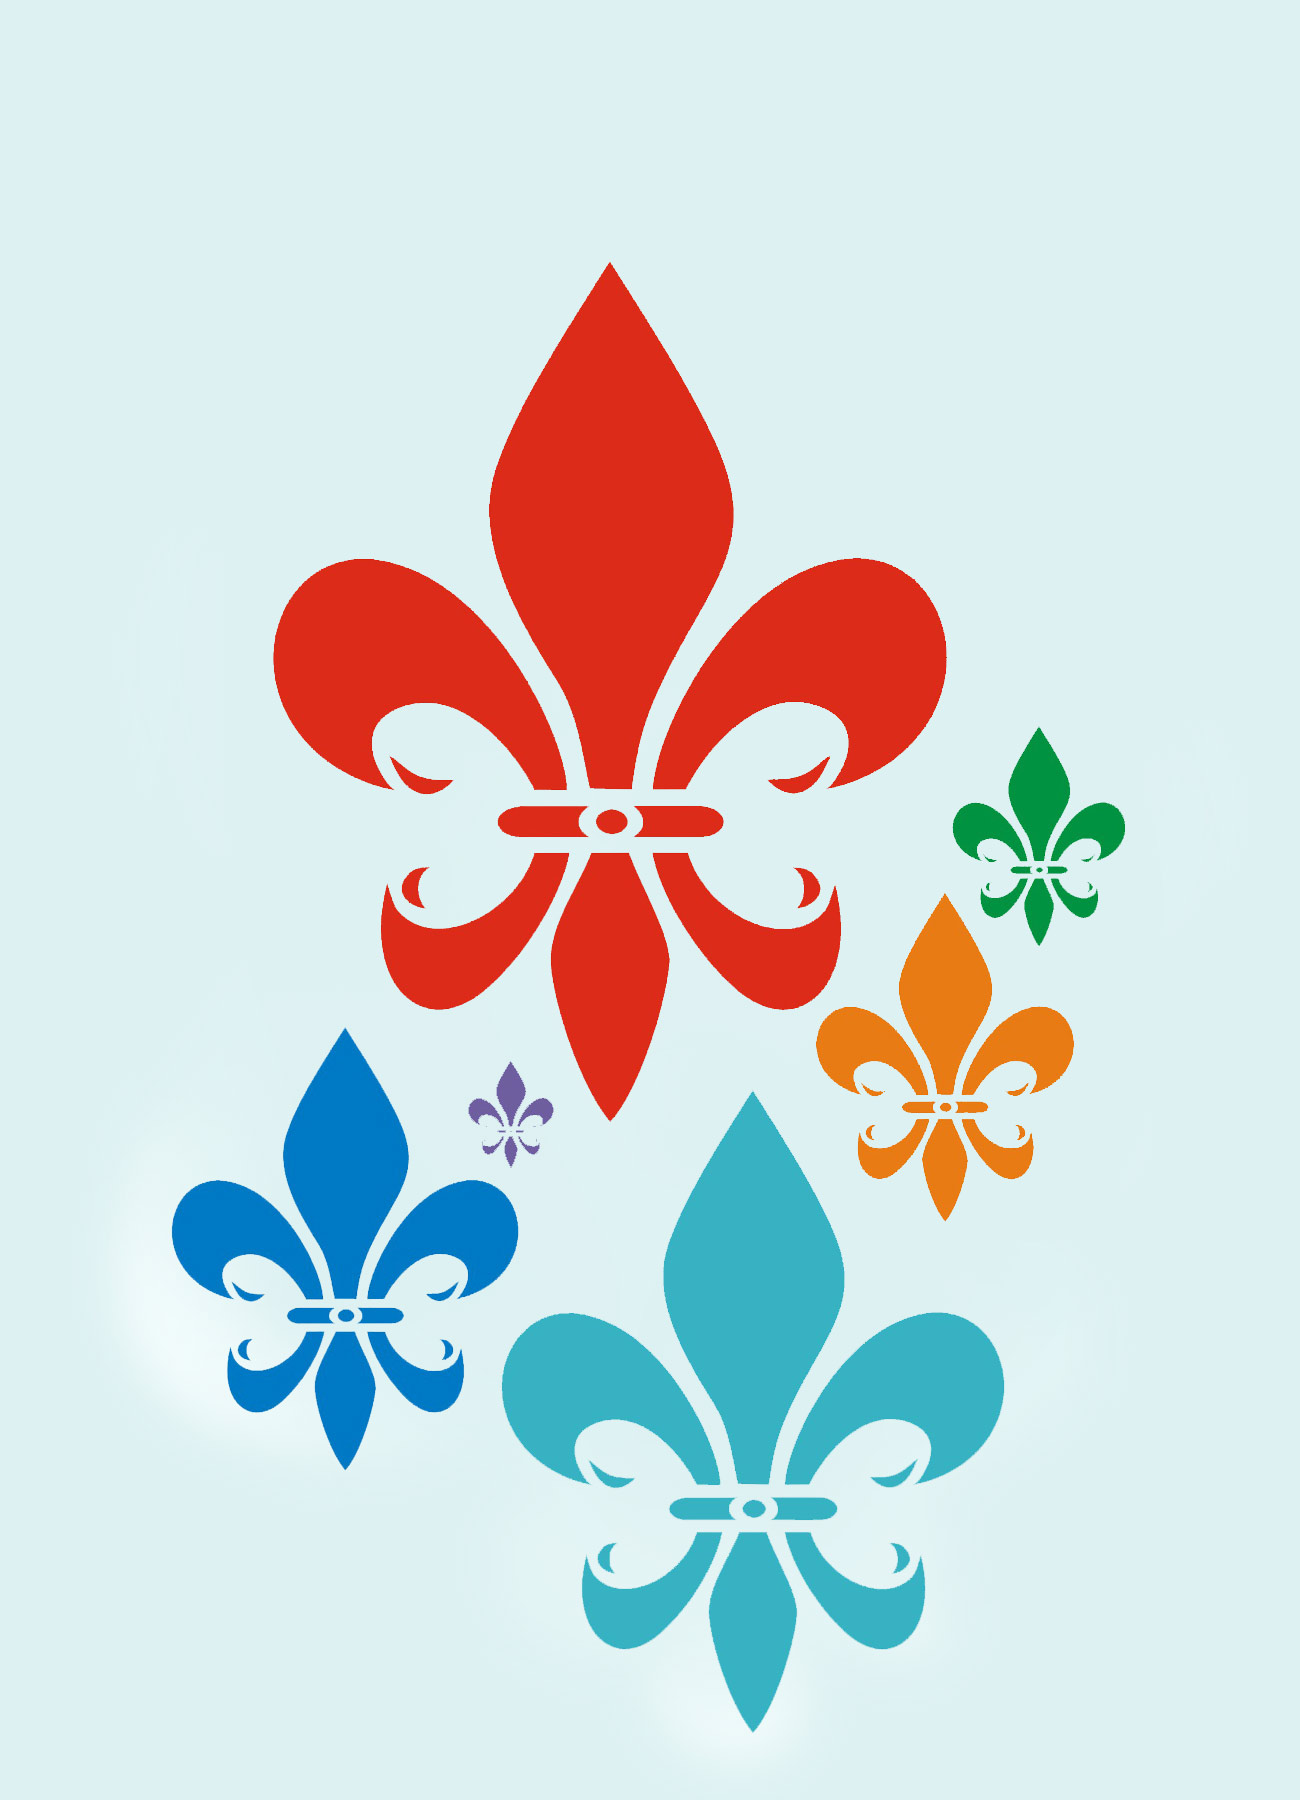 Simple fleur de lys stencil henny donovan motif - Fleur de lys symbole ...